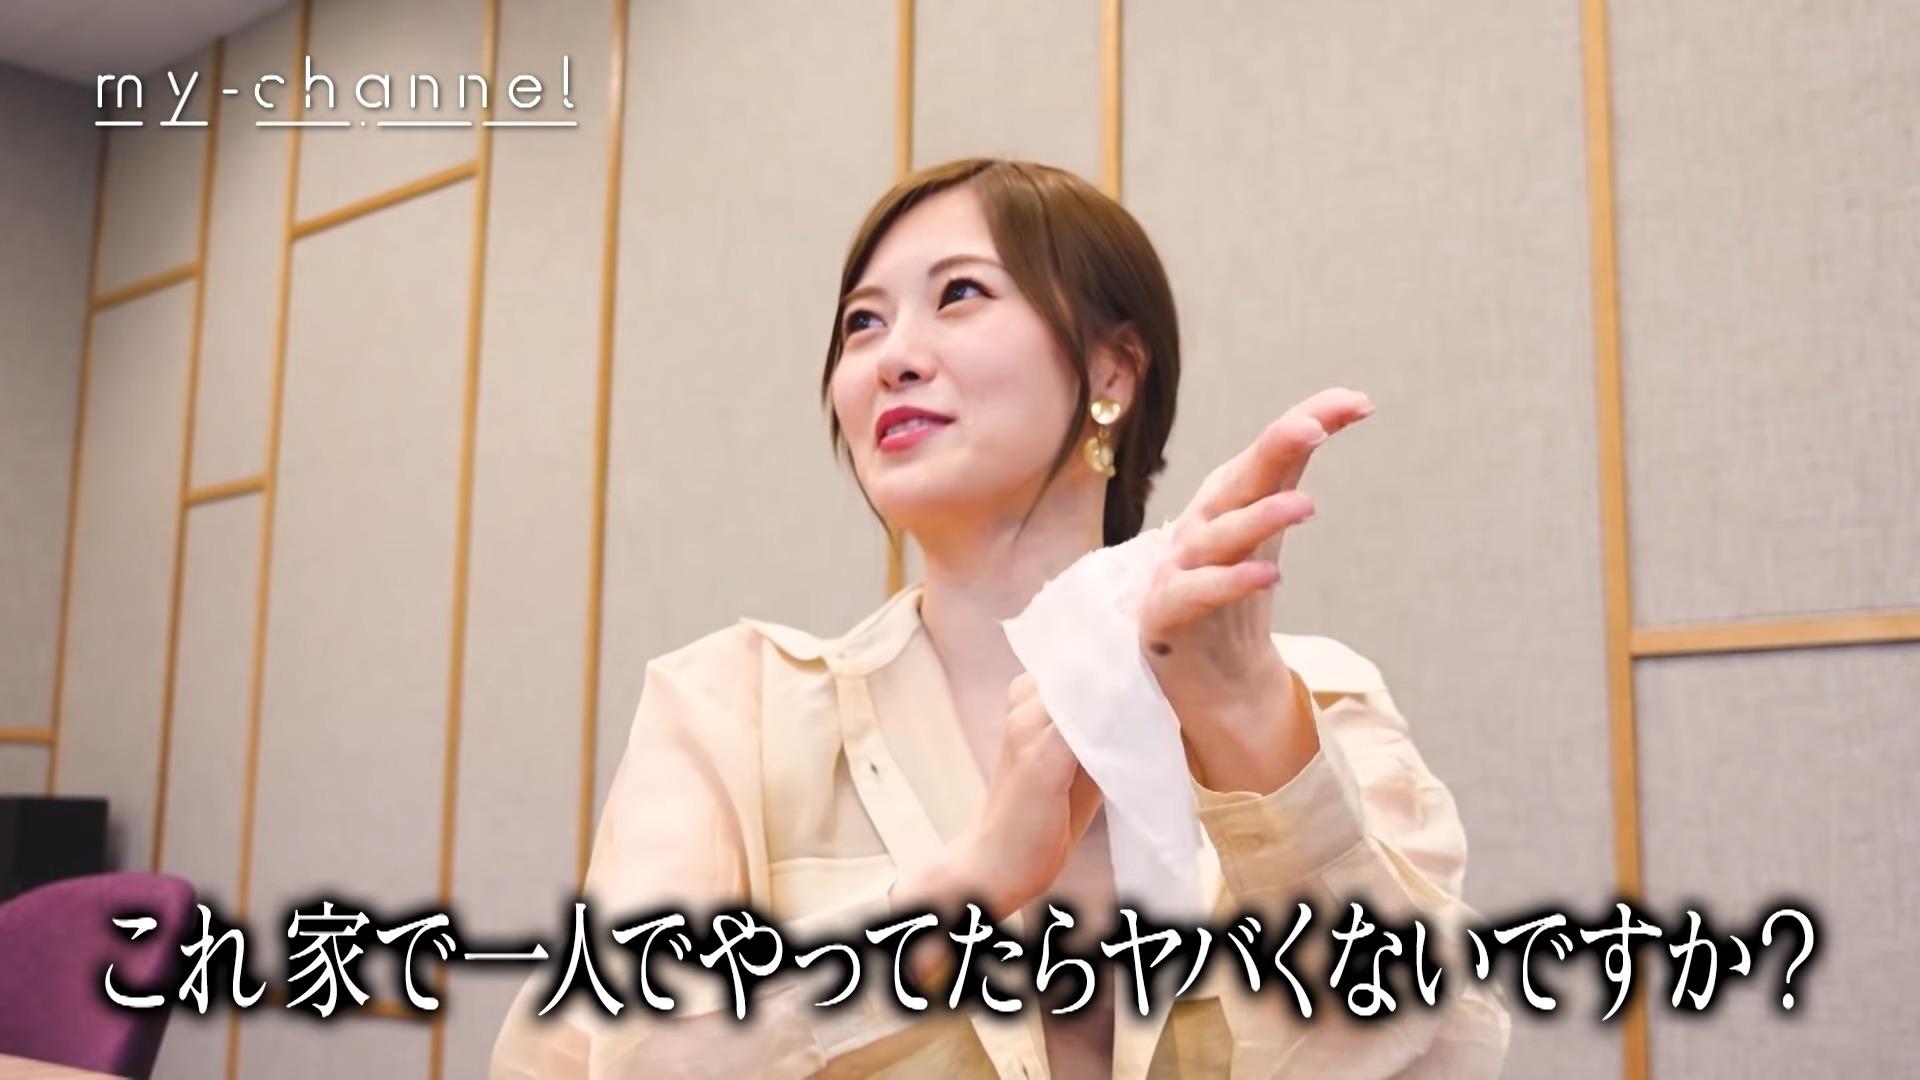 乃木坂の人、FallGuysブーストで一日で155万再生www